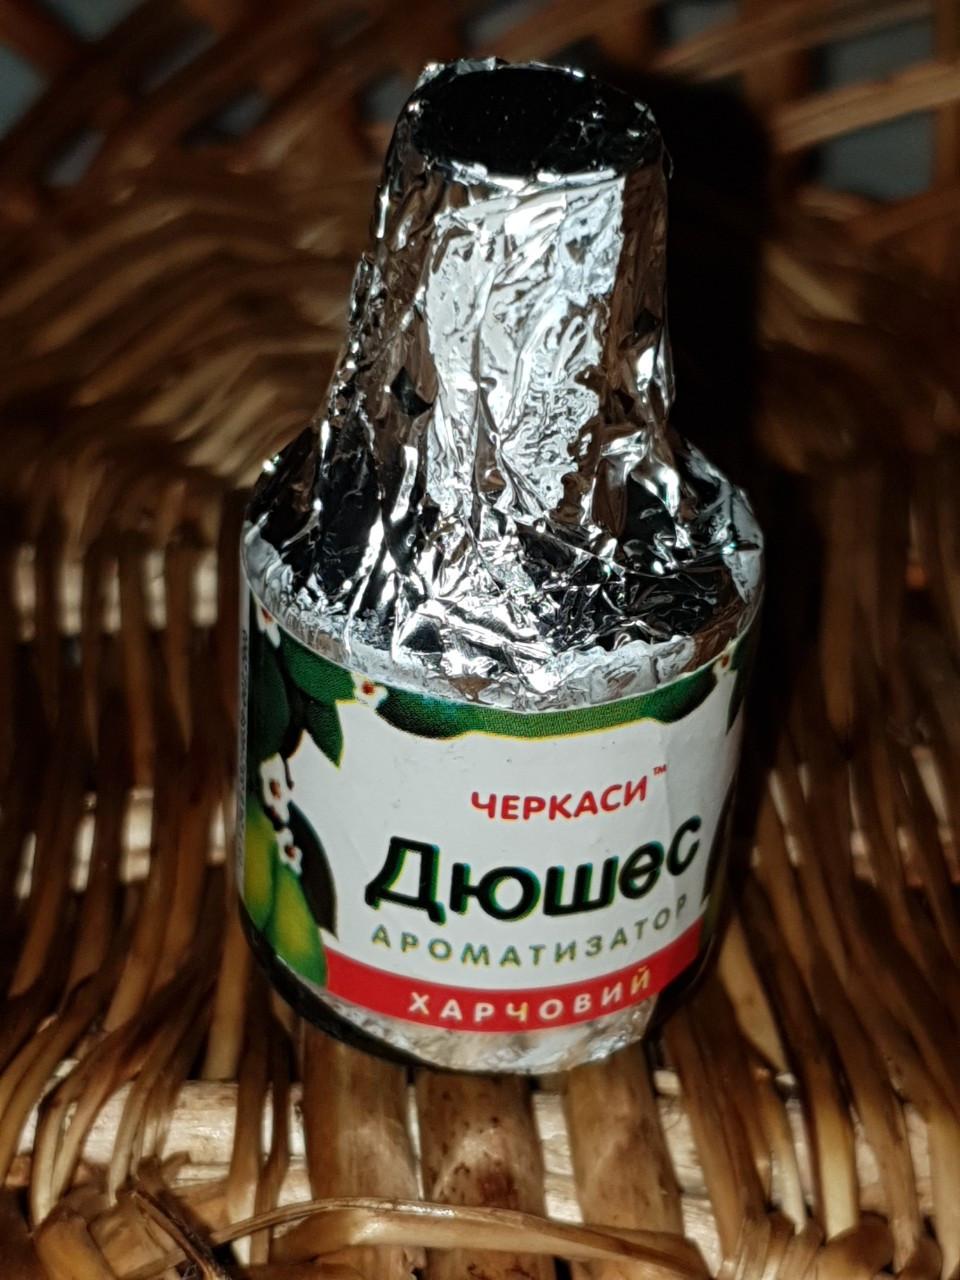 Ароматизатор харчовий Дюшес 5 мл.